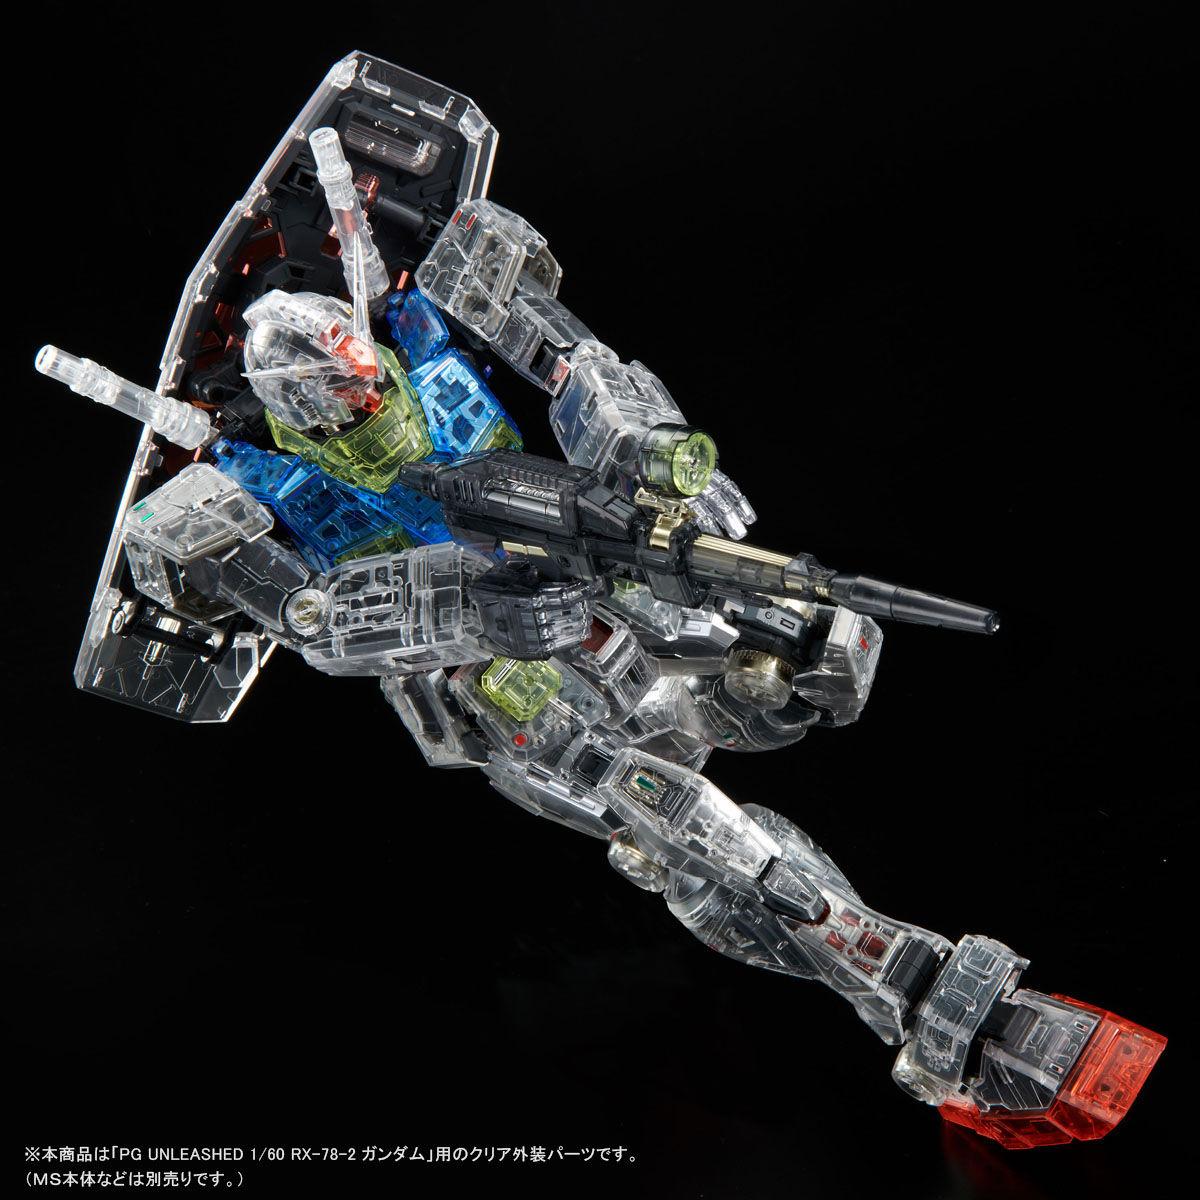 【限定販売】PG UNLEASHED 1/60『RX-78-2 ガンダム クリアカラーボディ』プラモデル-006